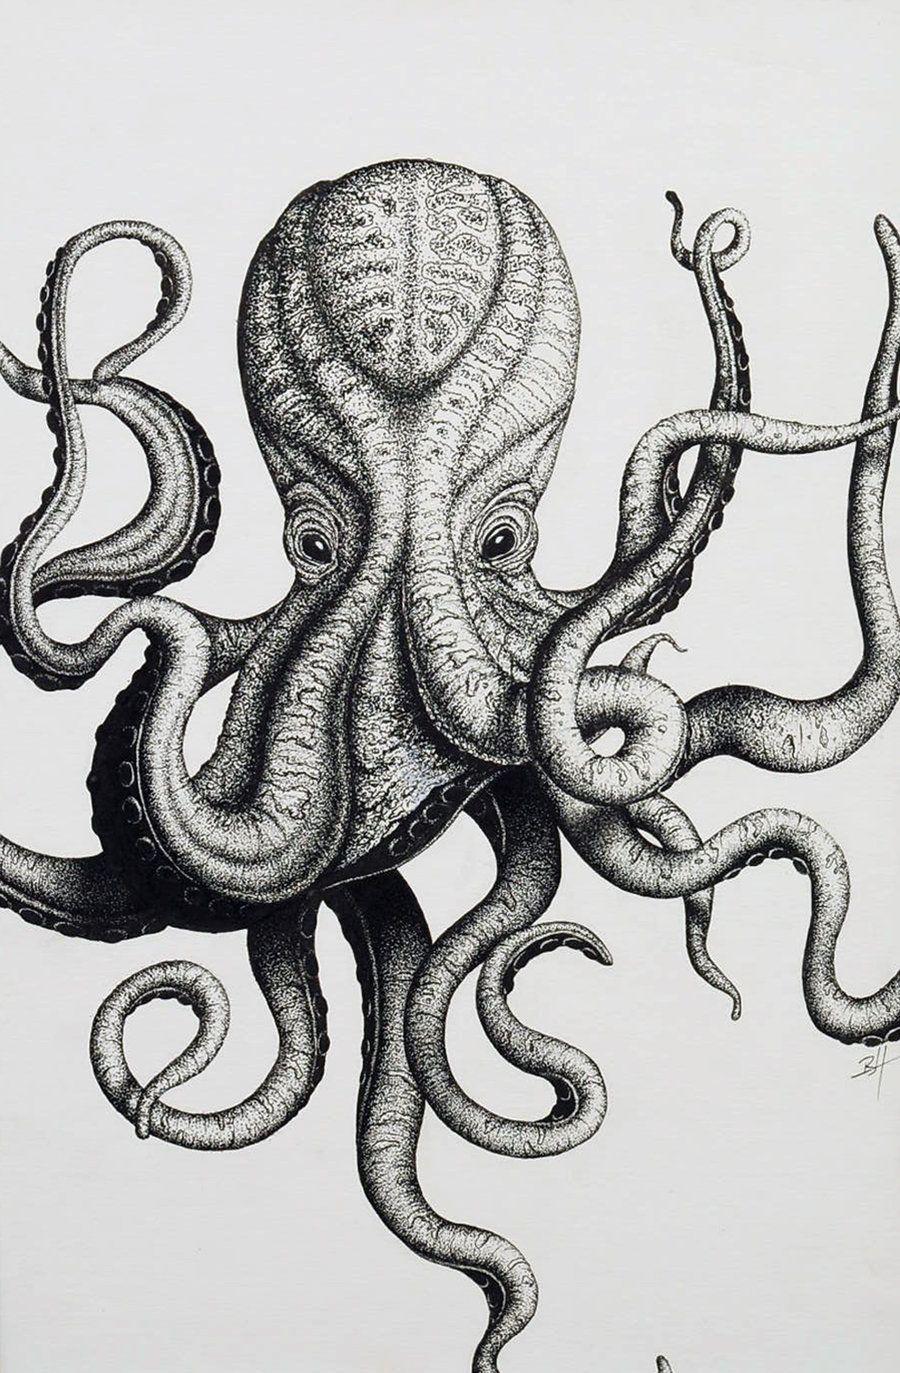 Stippled Octopus Initials By Art Brandonhubschmaniantart On